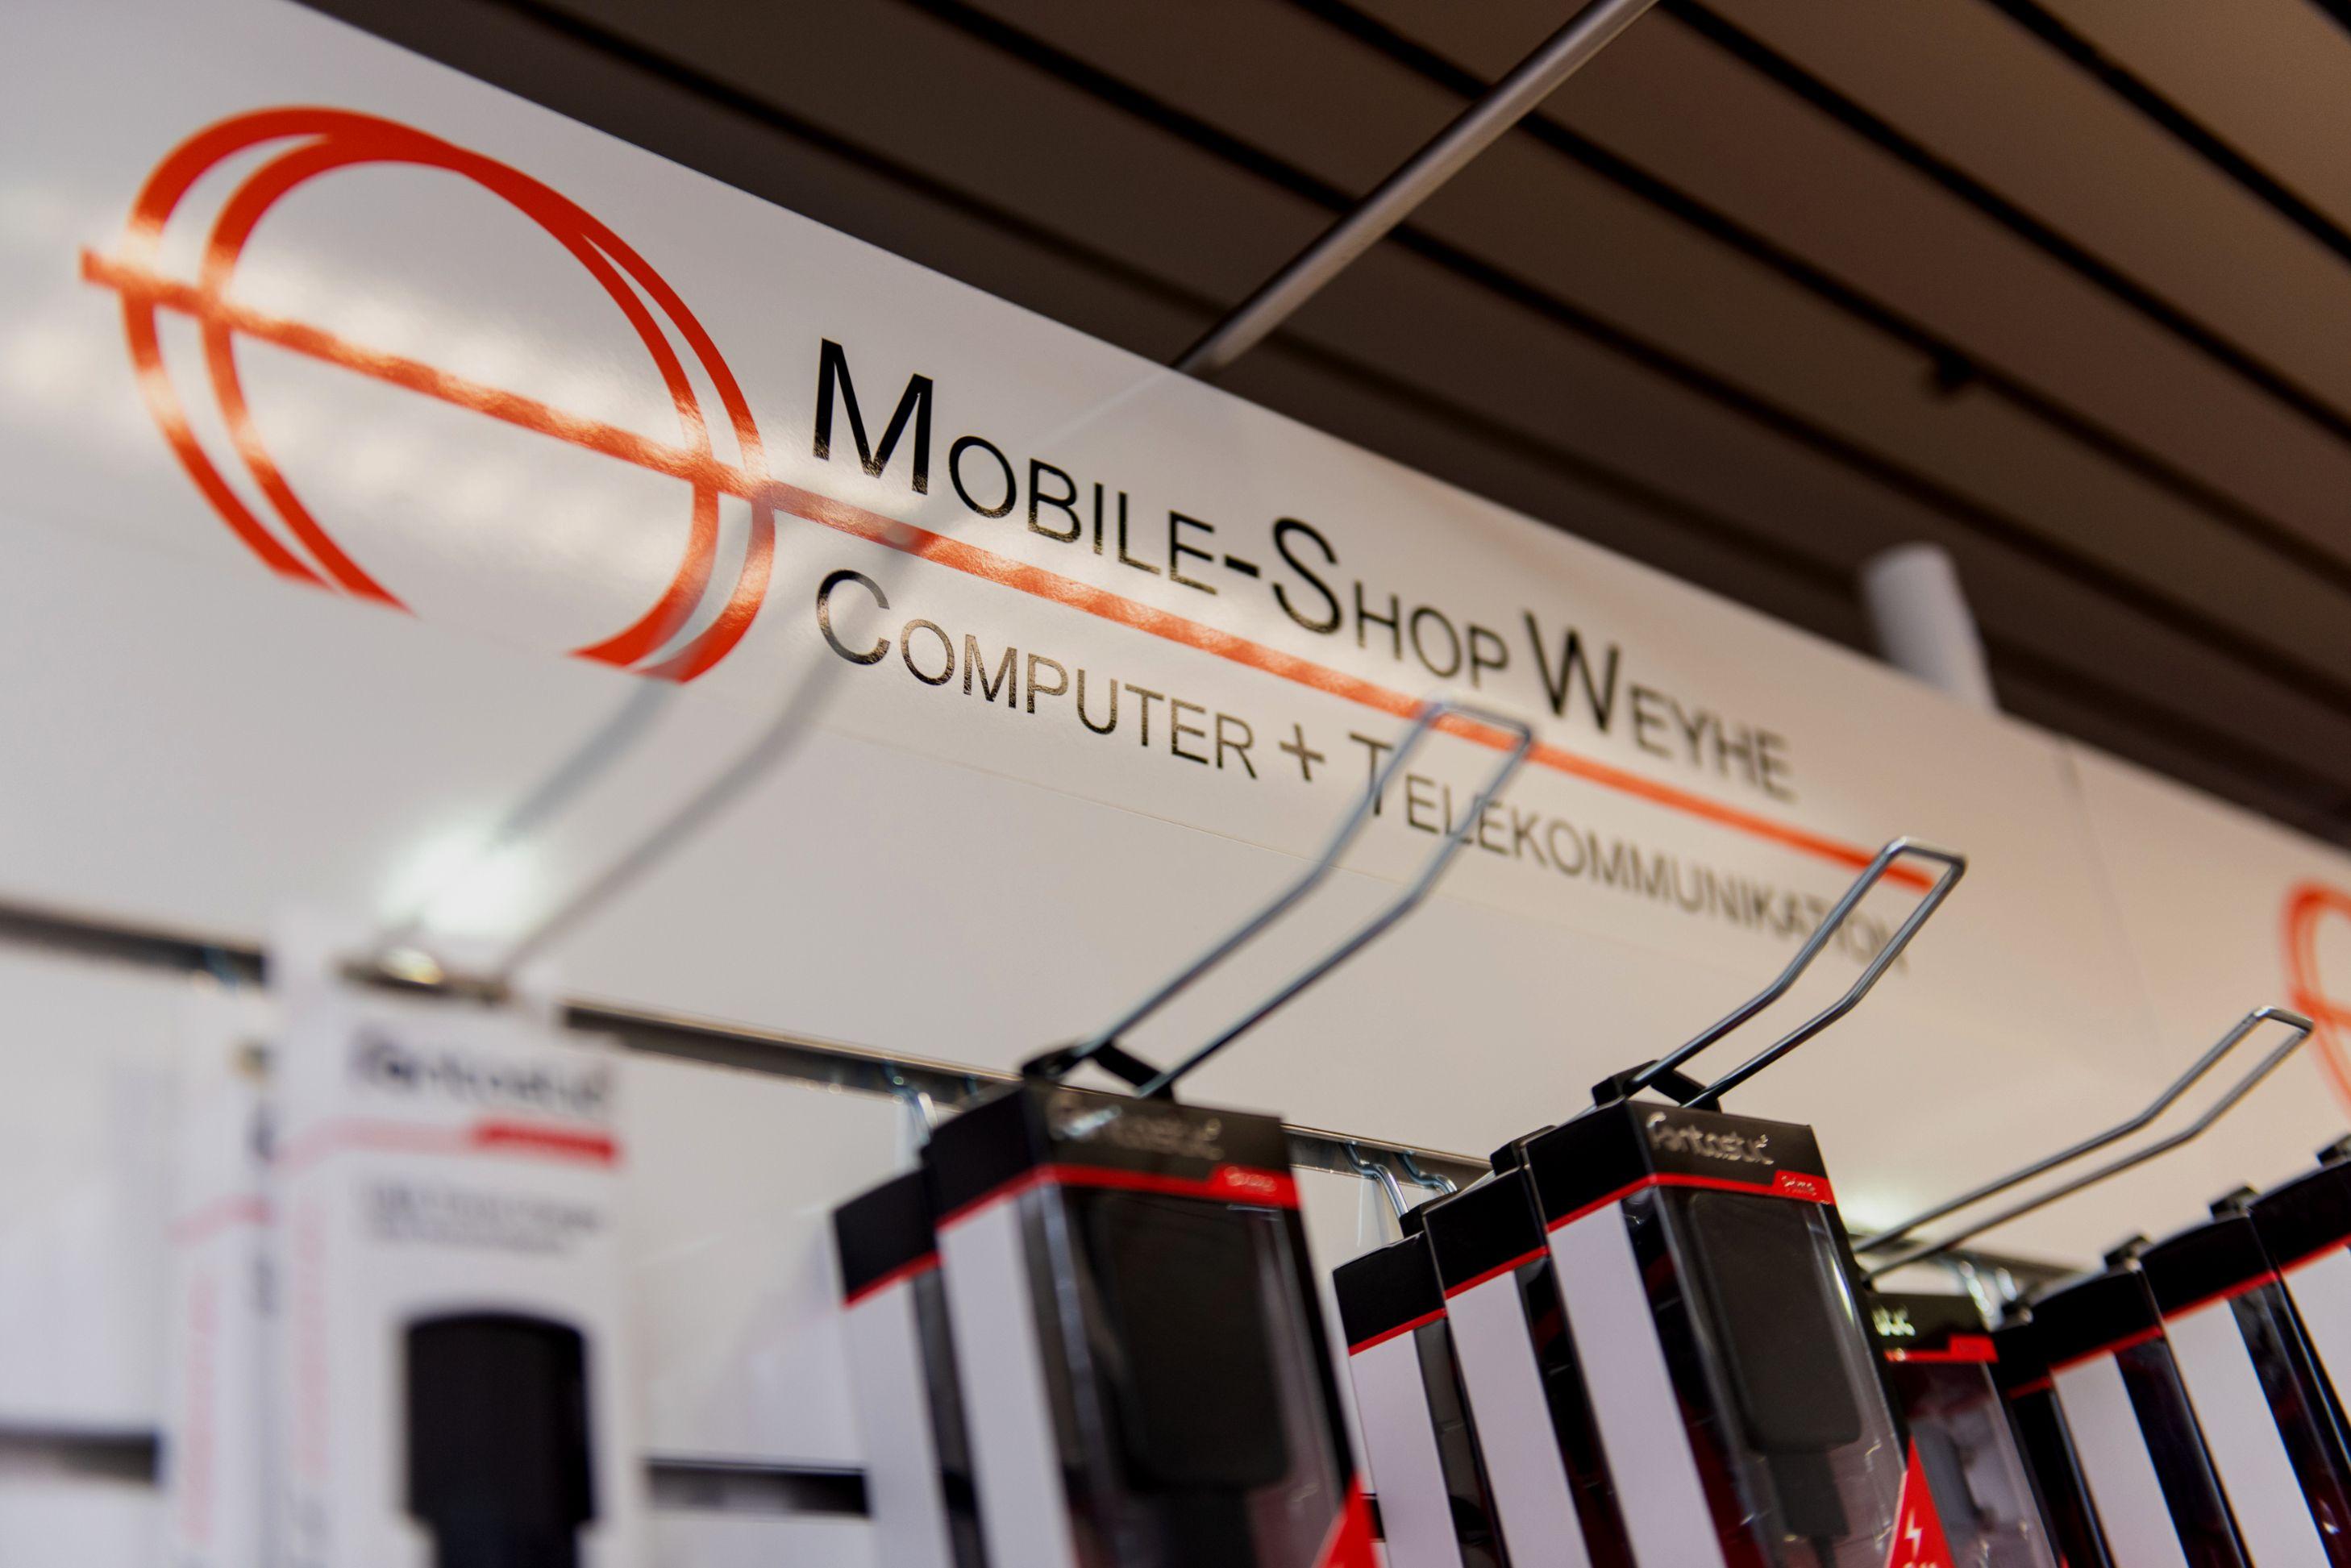 Mobile-Shop Weyhe